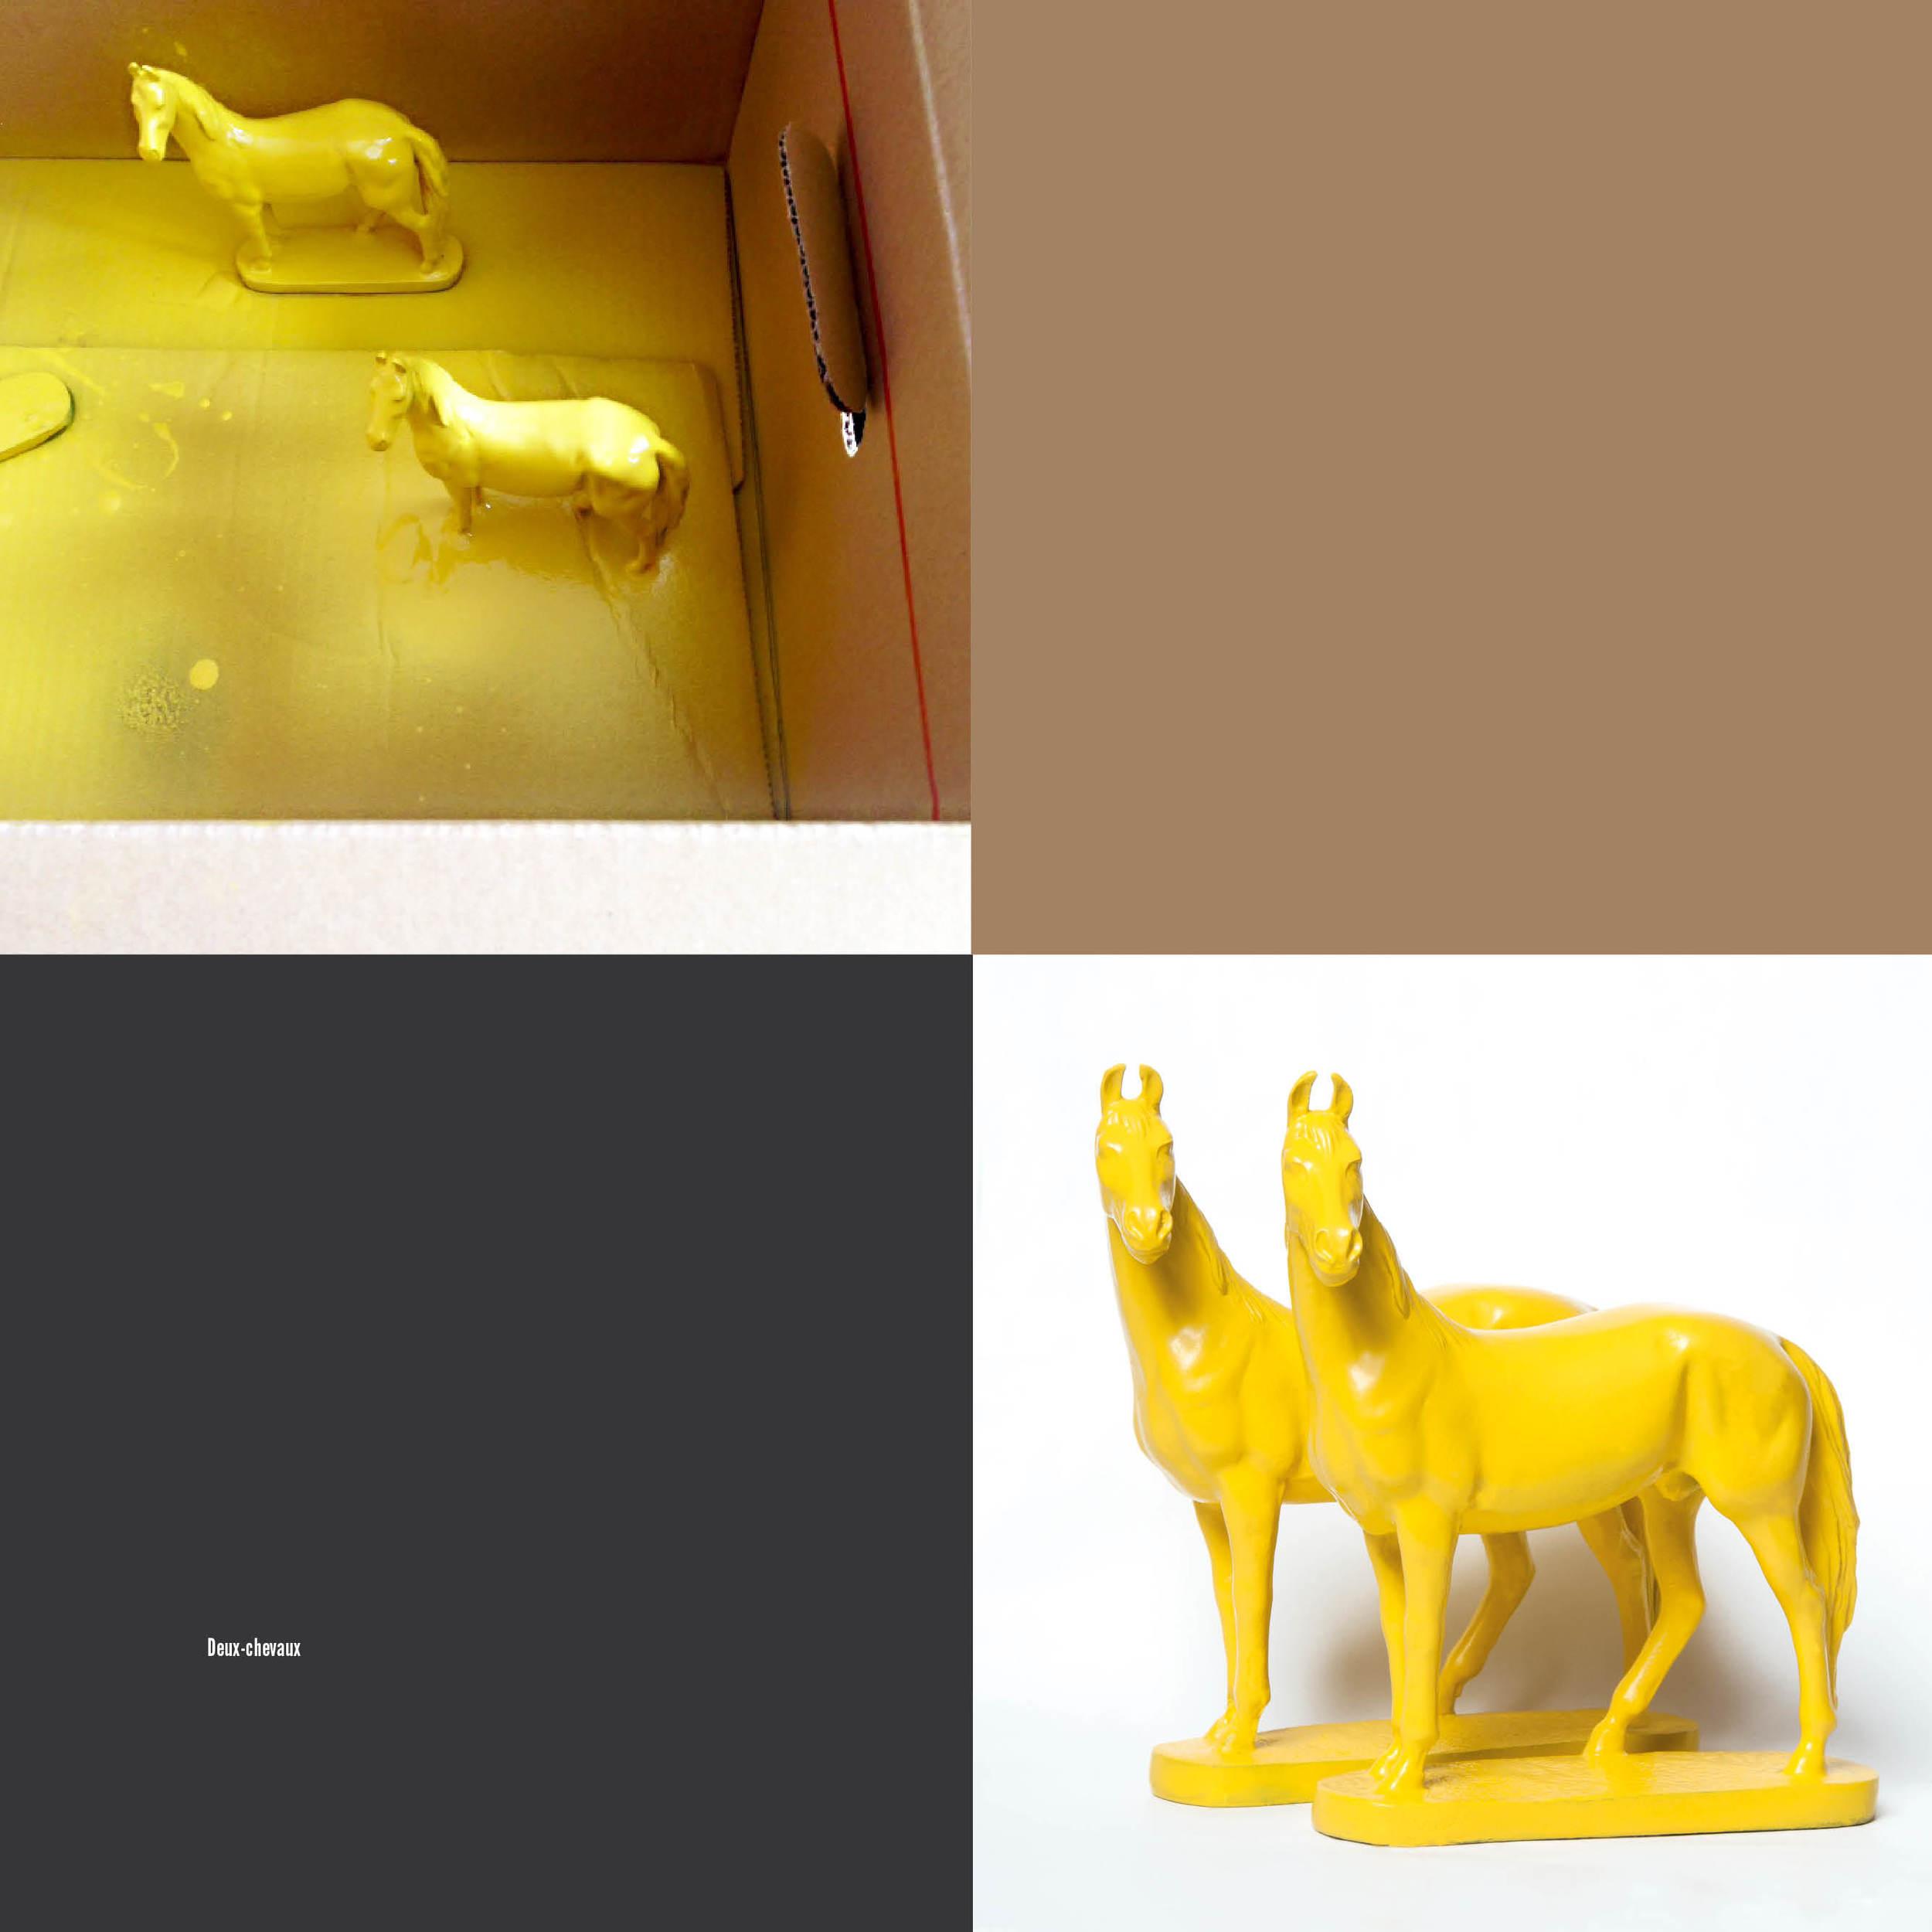 Het geel spuiten van de paarden in een kartonnen doos, hier nog met een afgebroken onderkantje.